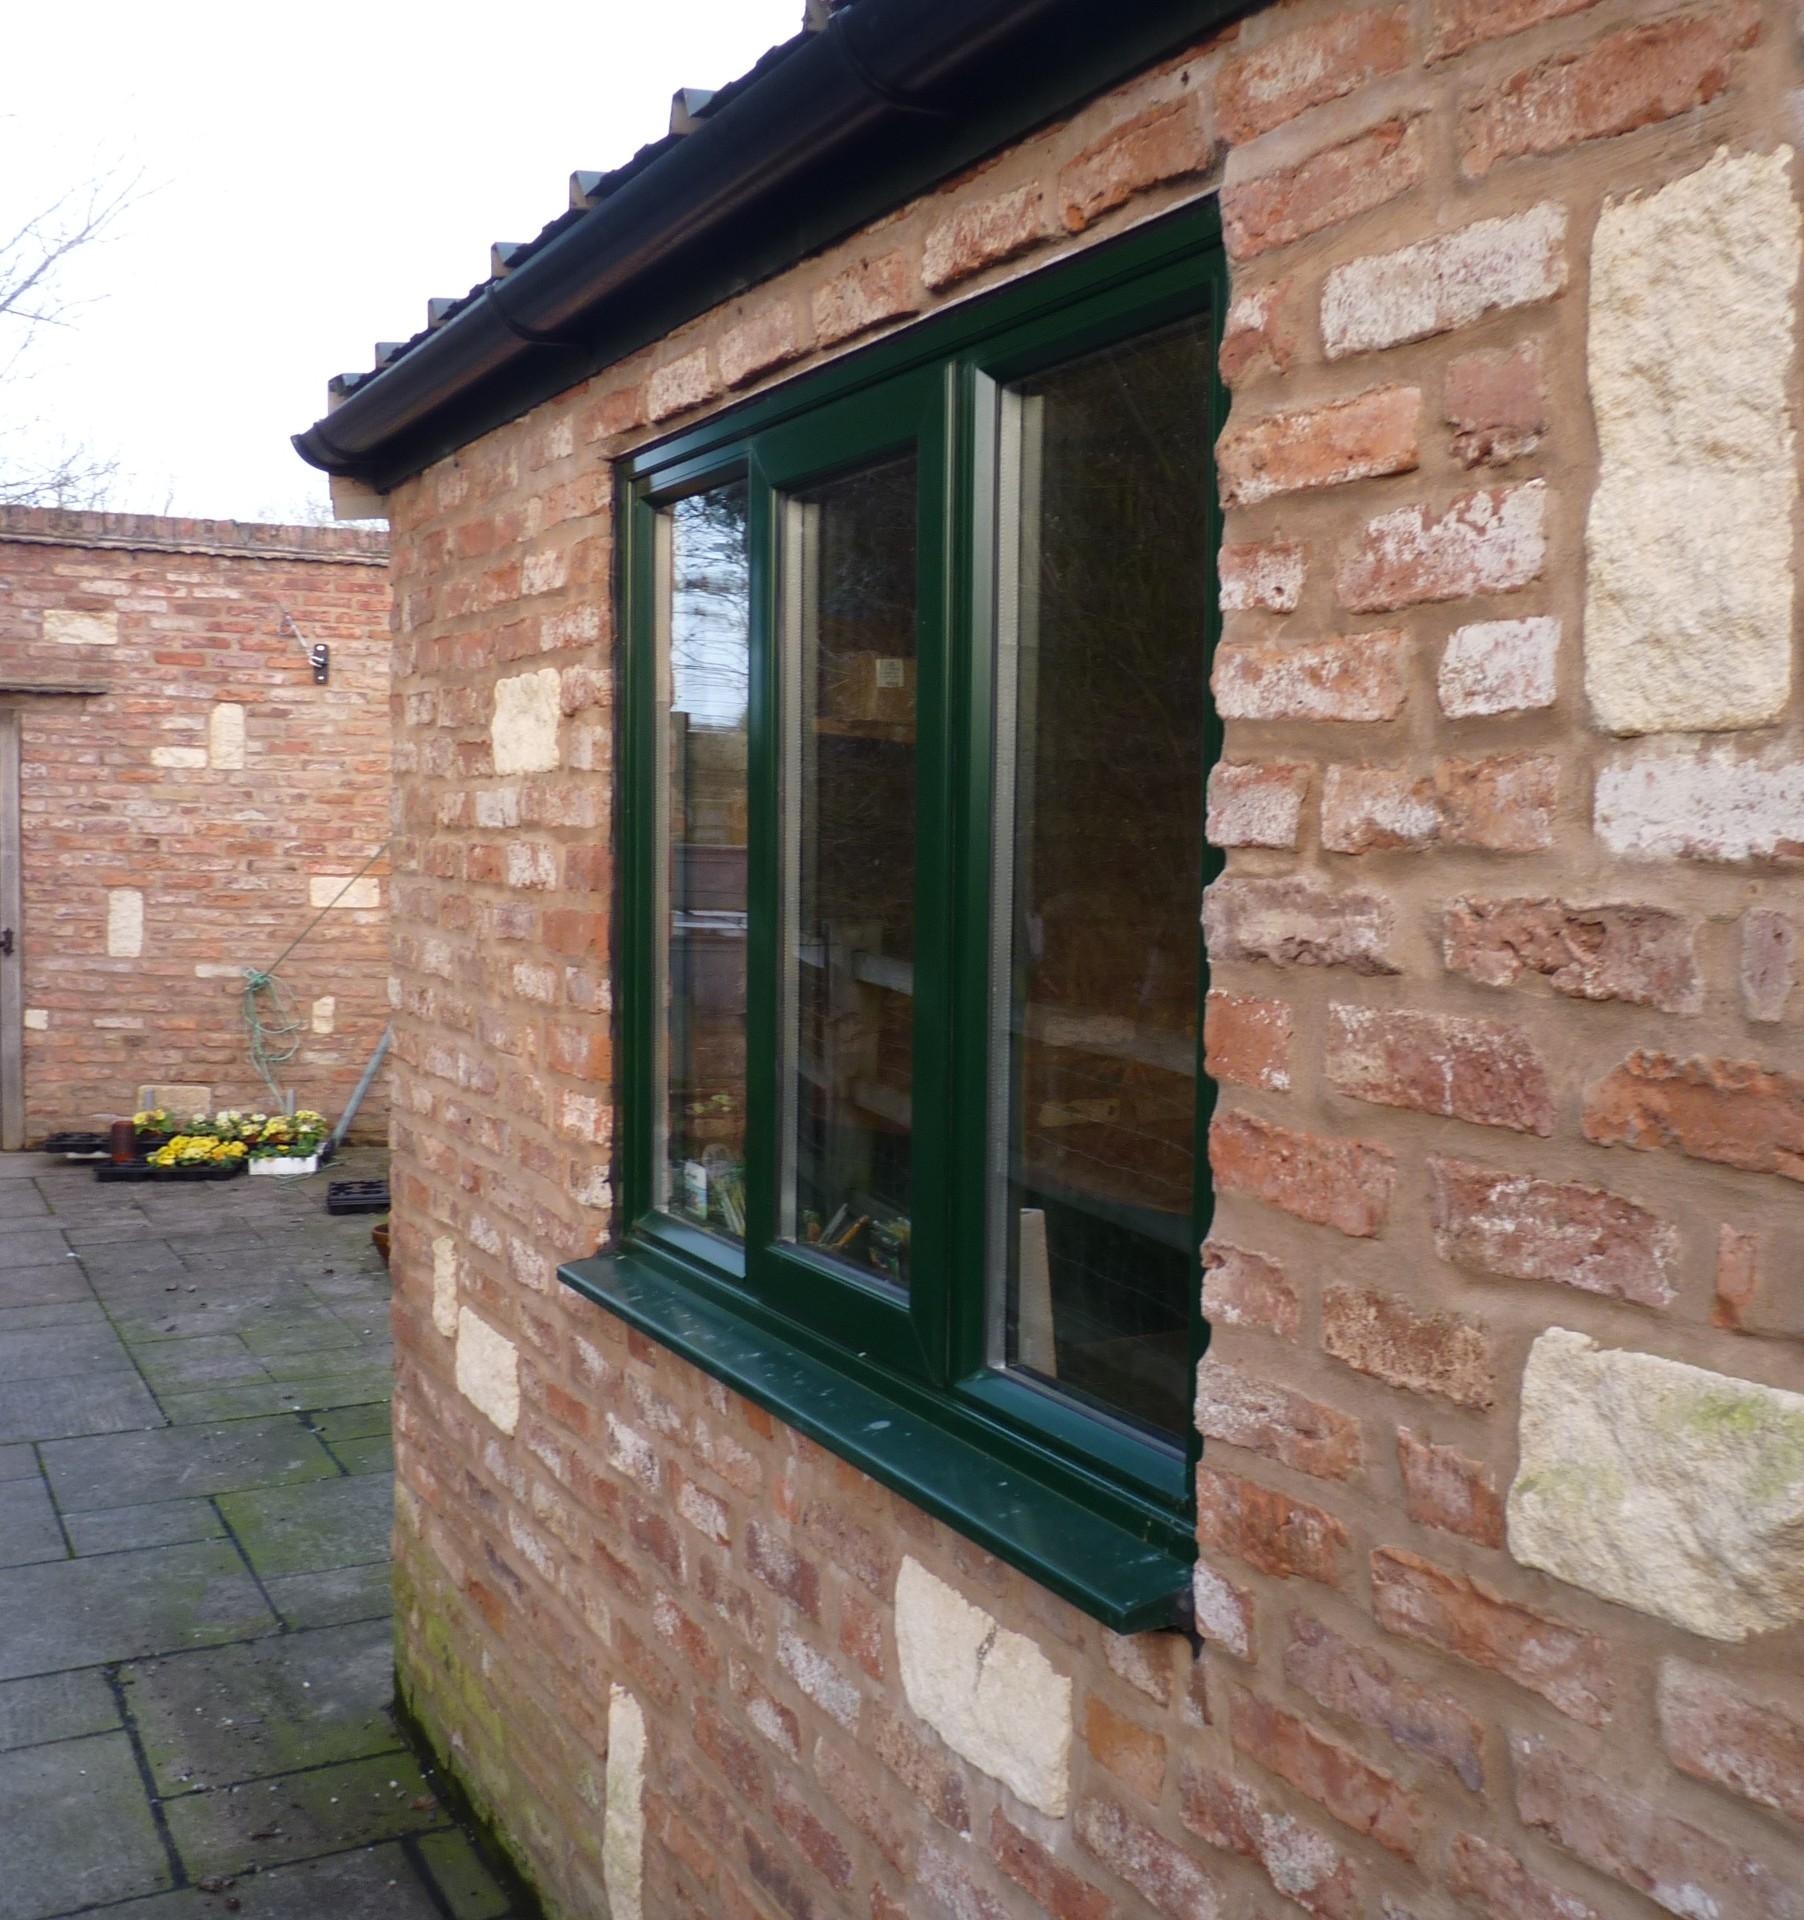 sheds pt rustic shop garden sale for ie shed potting wooden abwood